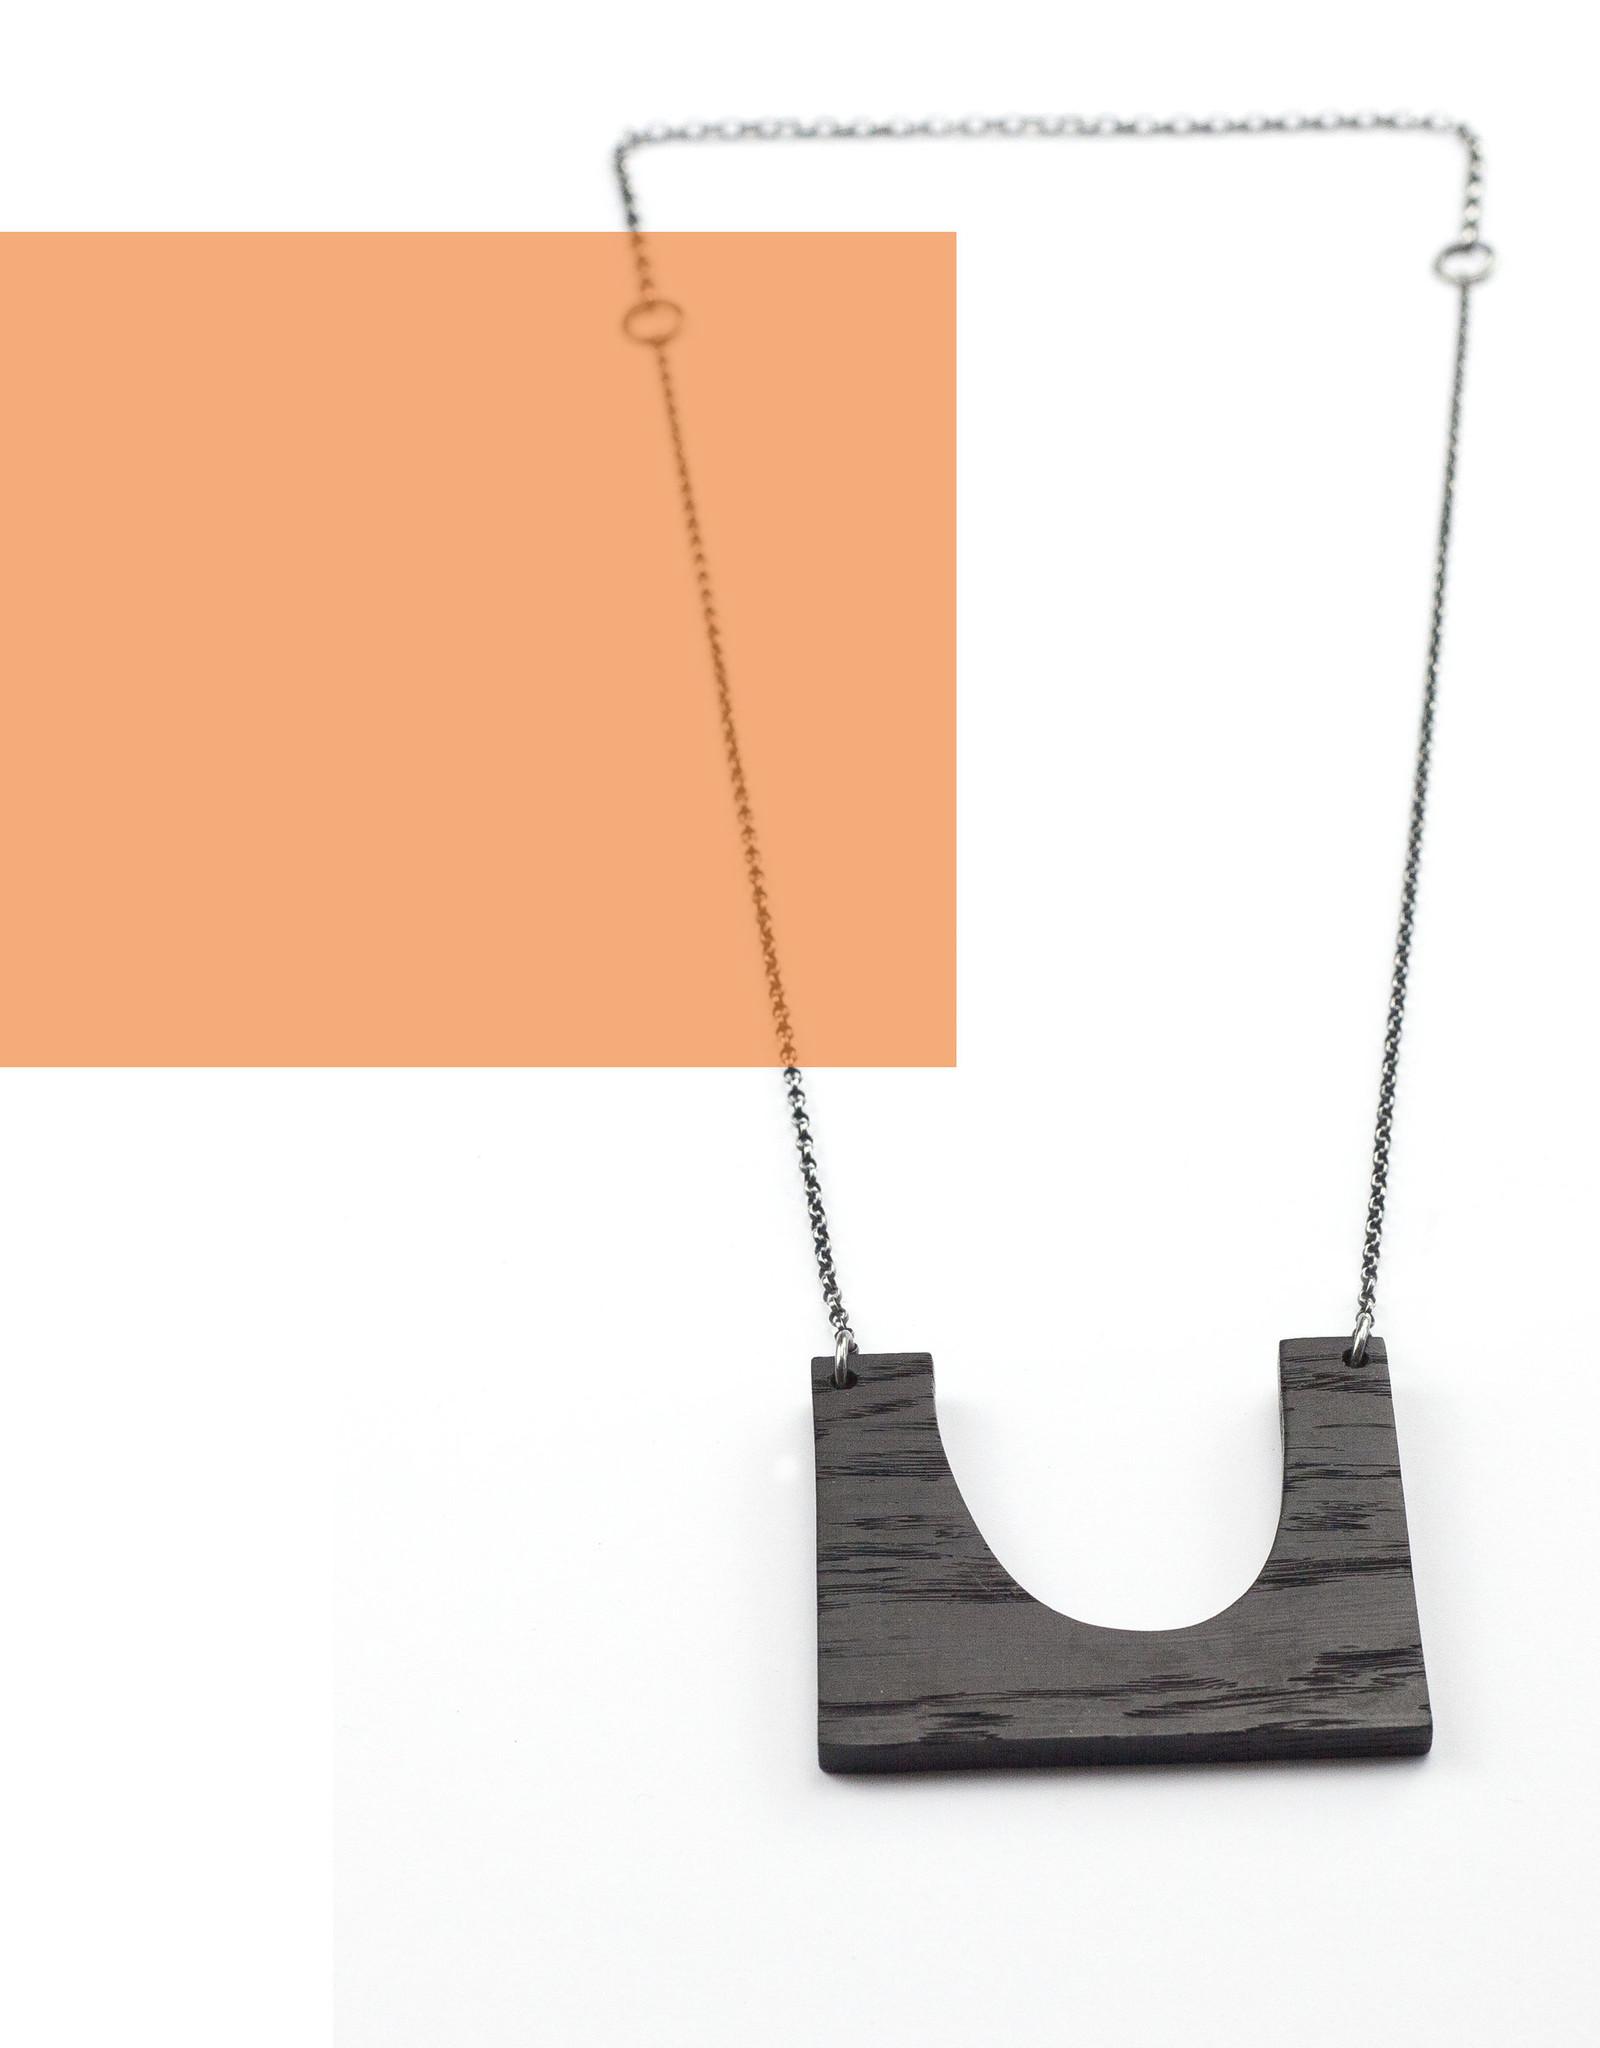 Leko & Leko Jewellery Leko & Leko - Hoodoo Long Chain